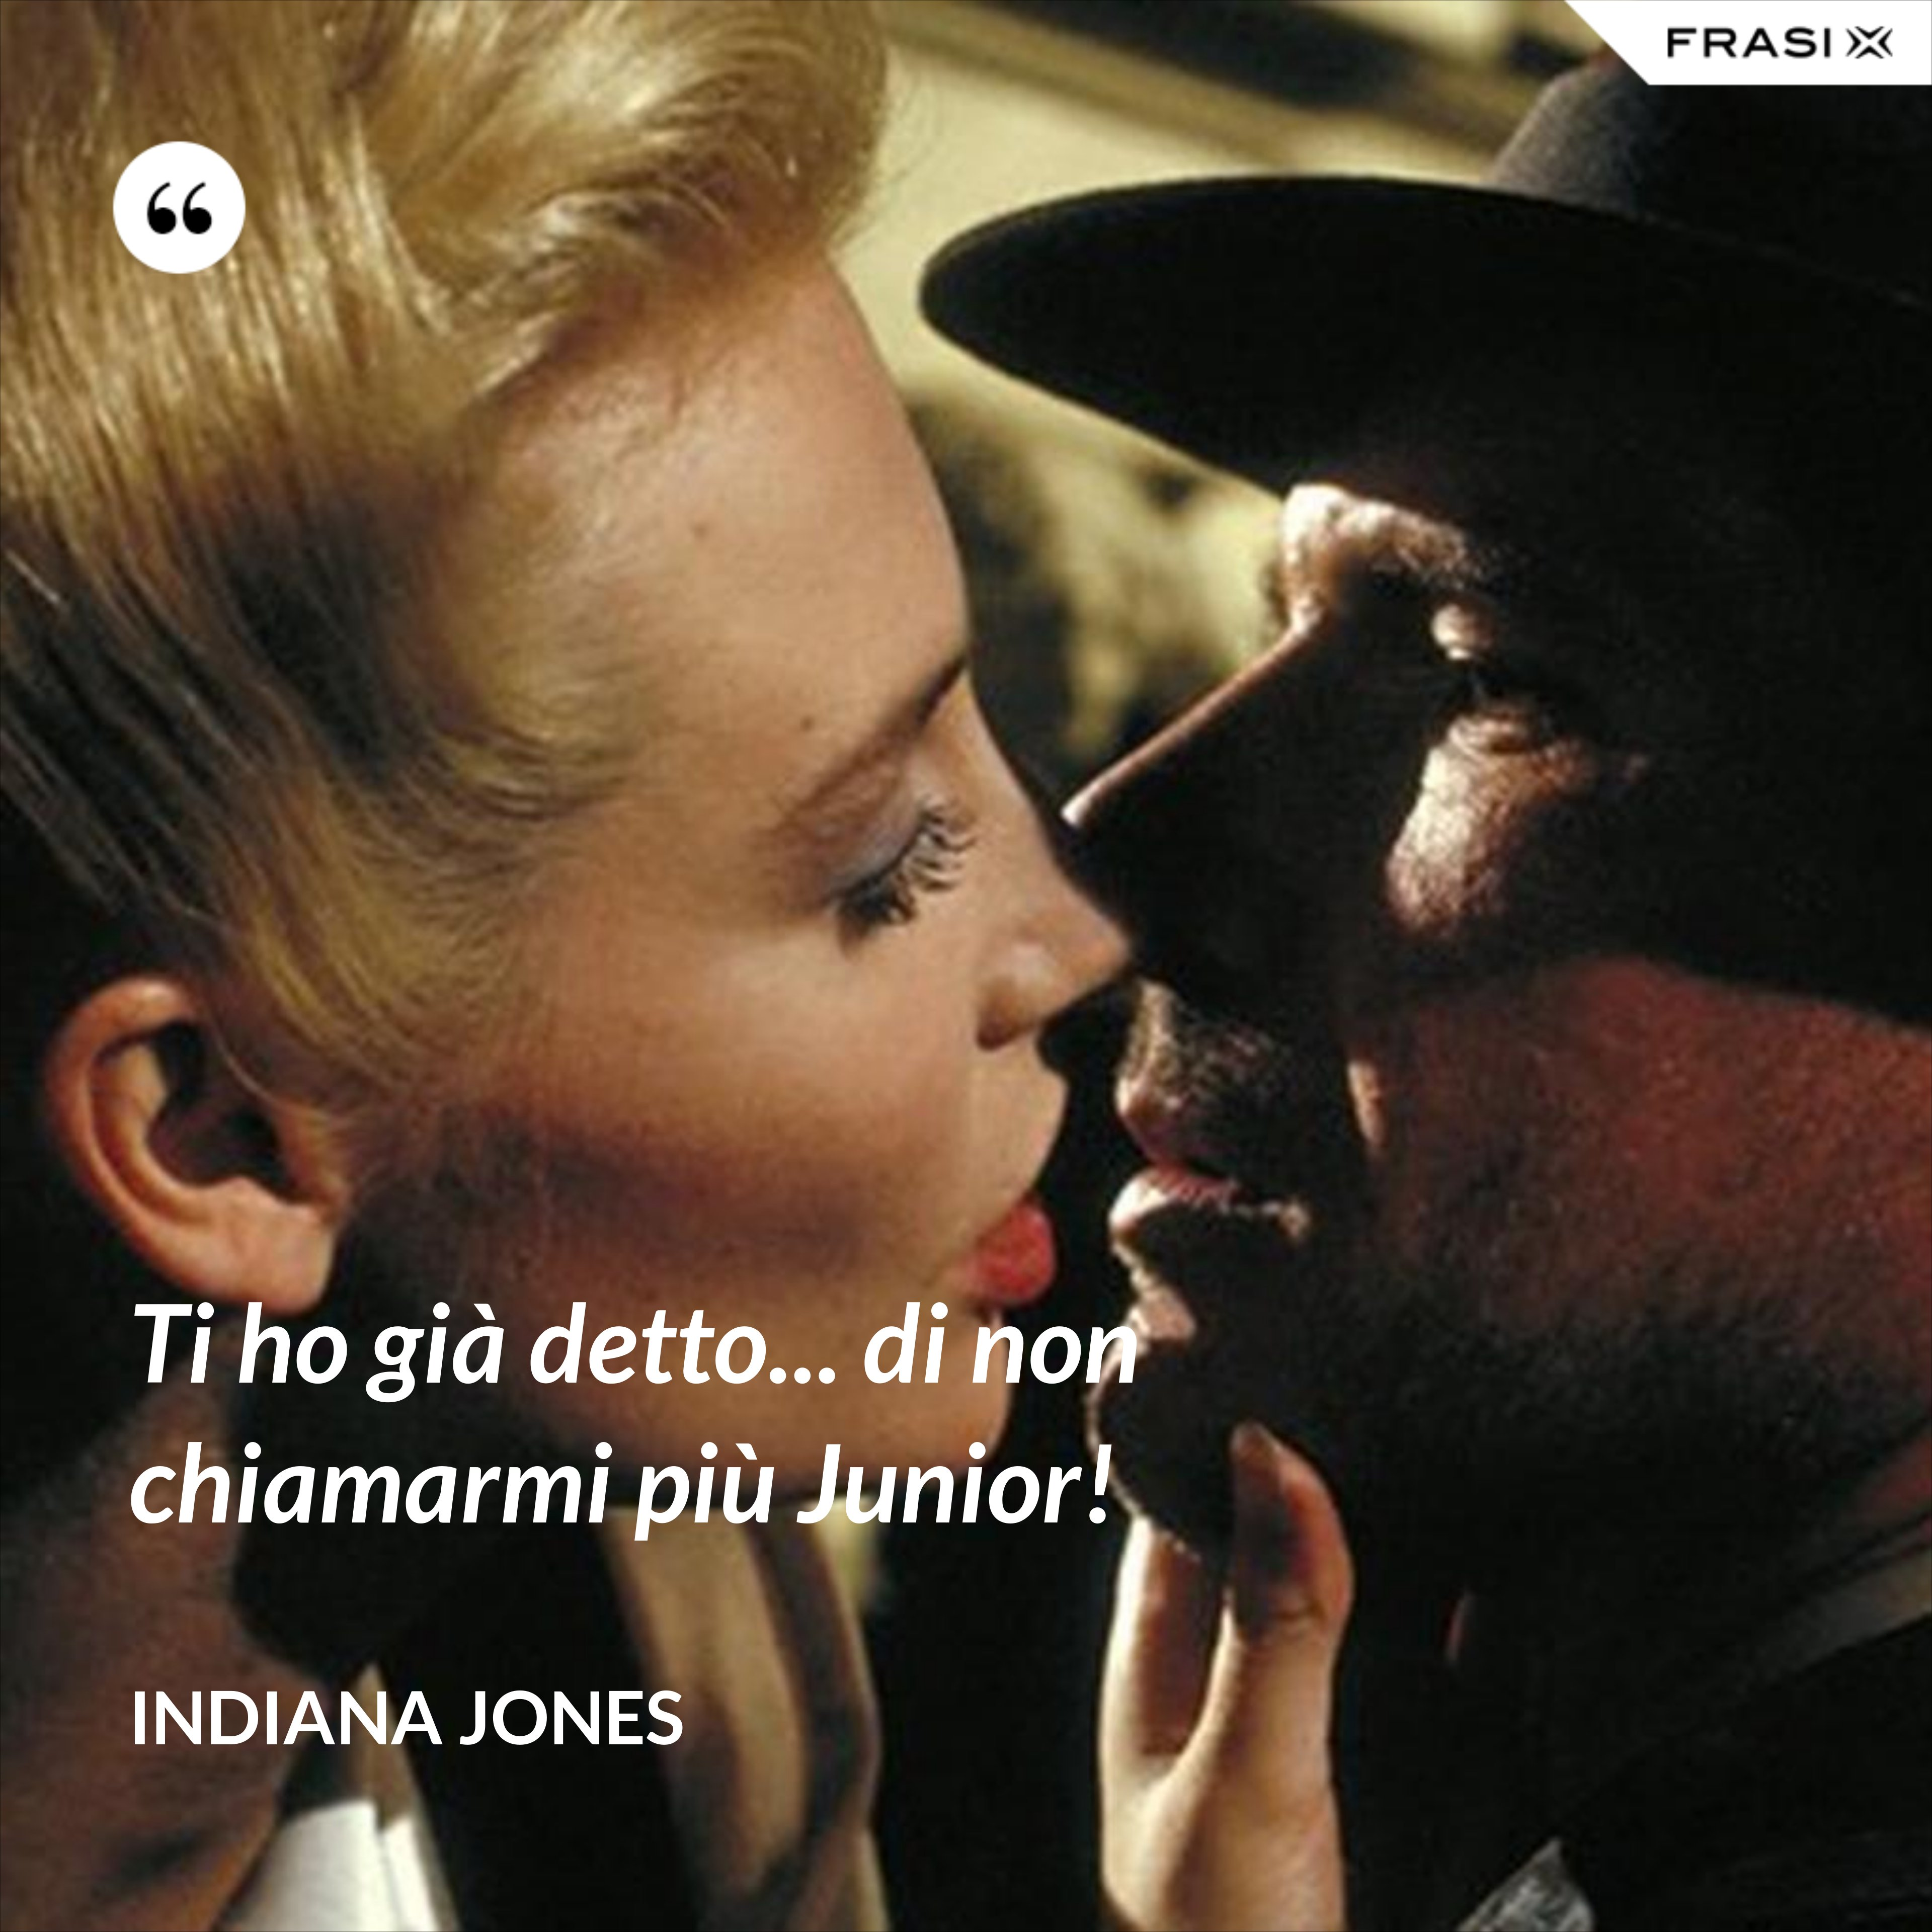 Ti ho già detto... di non chiamarmi più Junior! - Indiana Jones